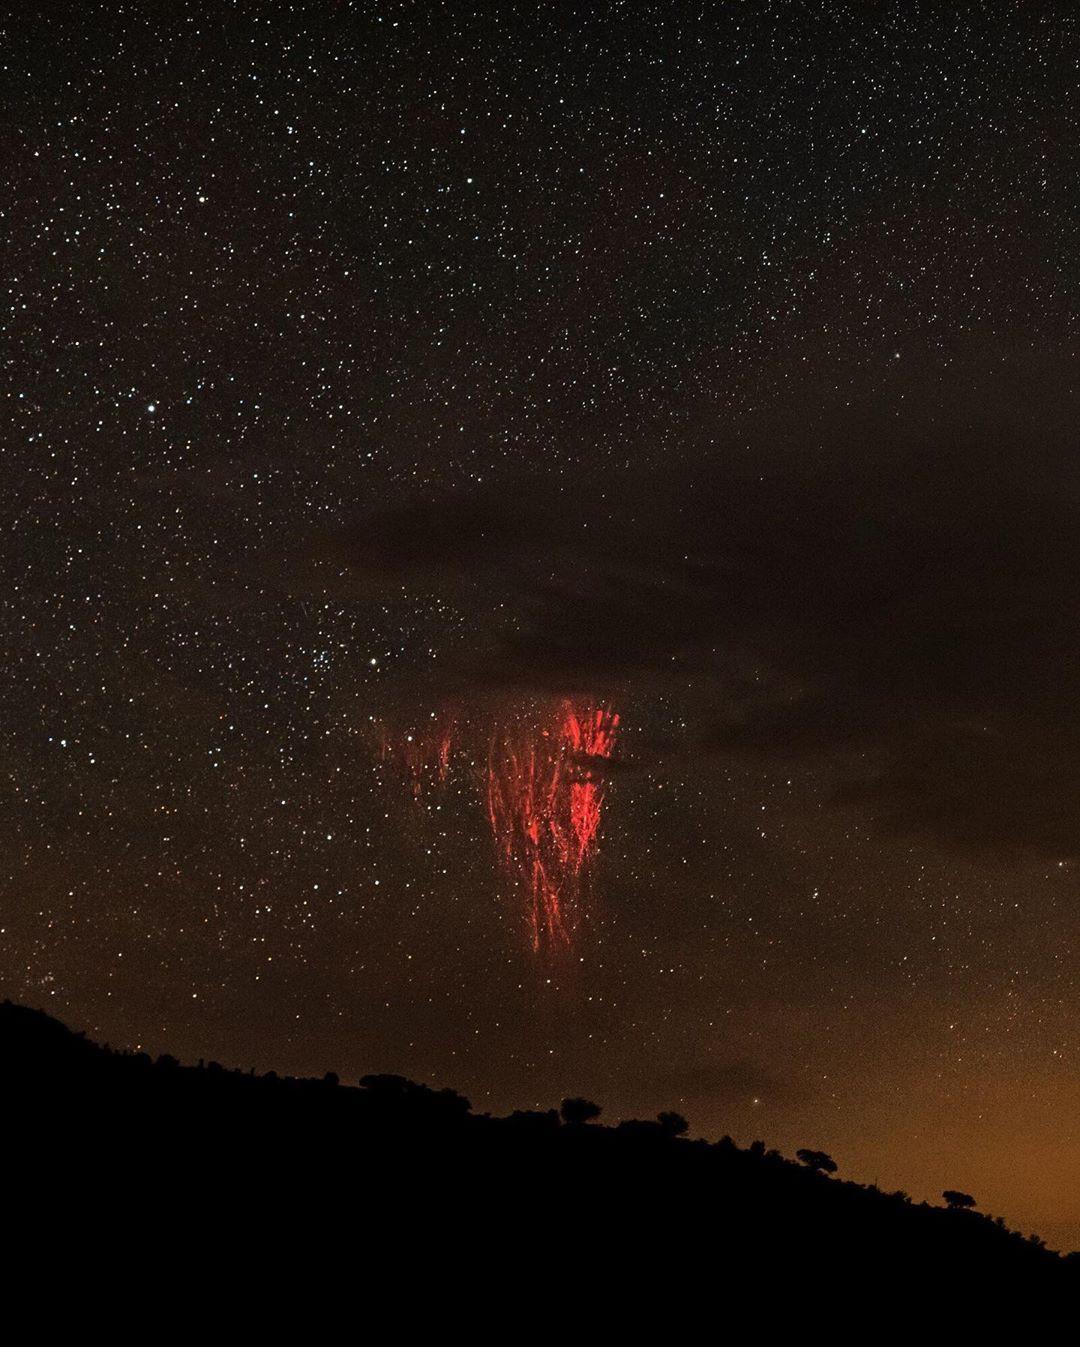 National Geographic vừa công bố một hiện tượng siêu hiếm, cực đẹp mà có thể bạn chưa thấy bao giờ - Ảnh 2.